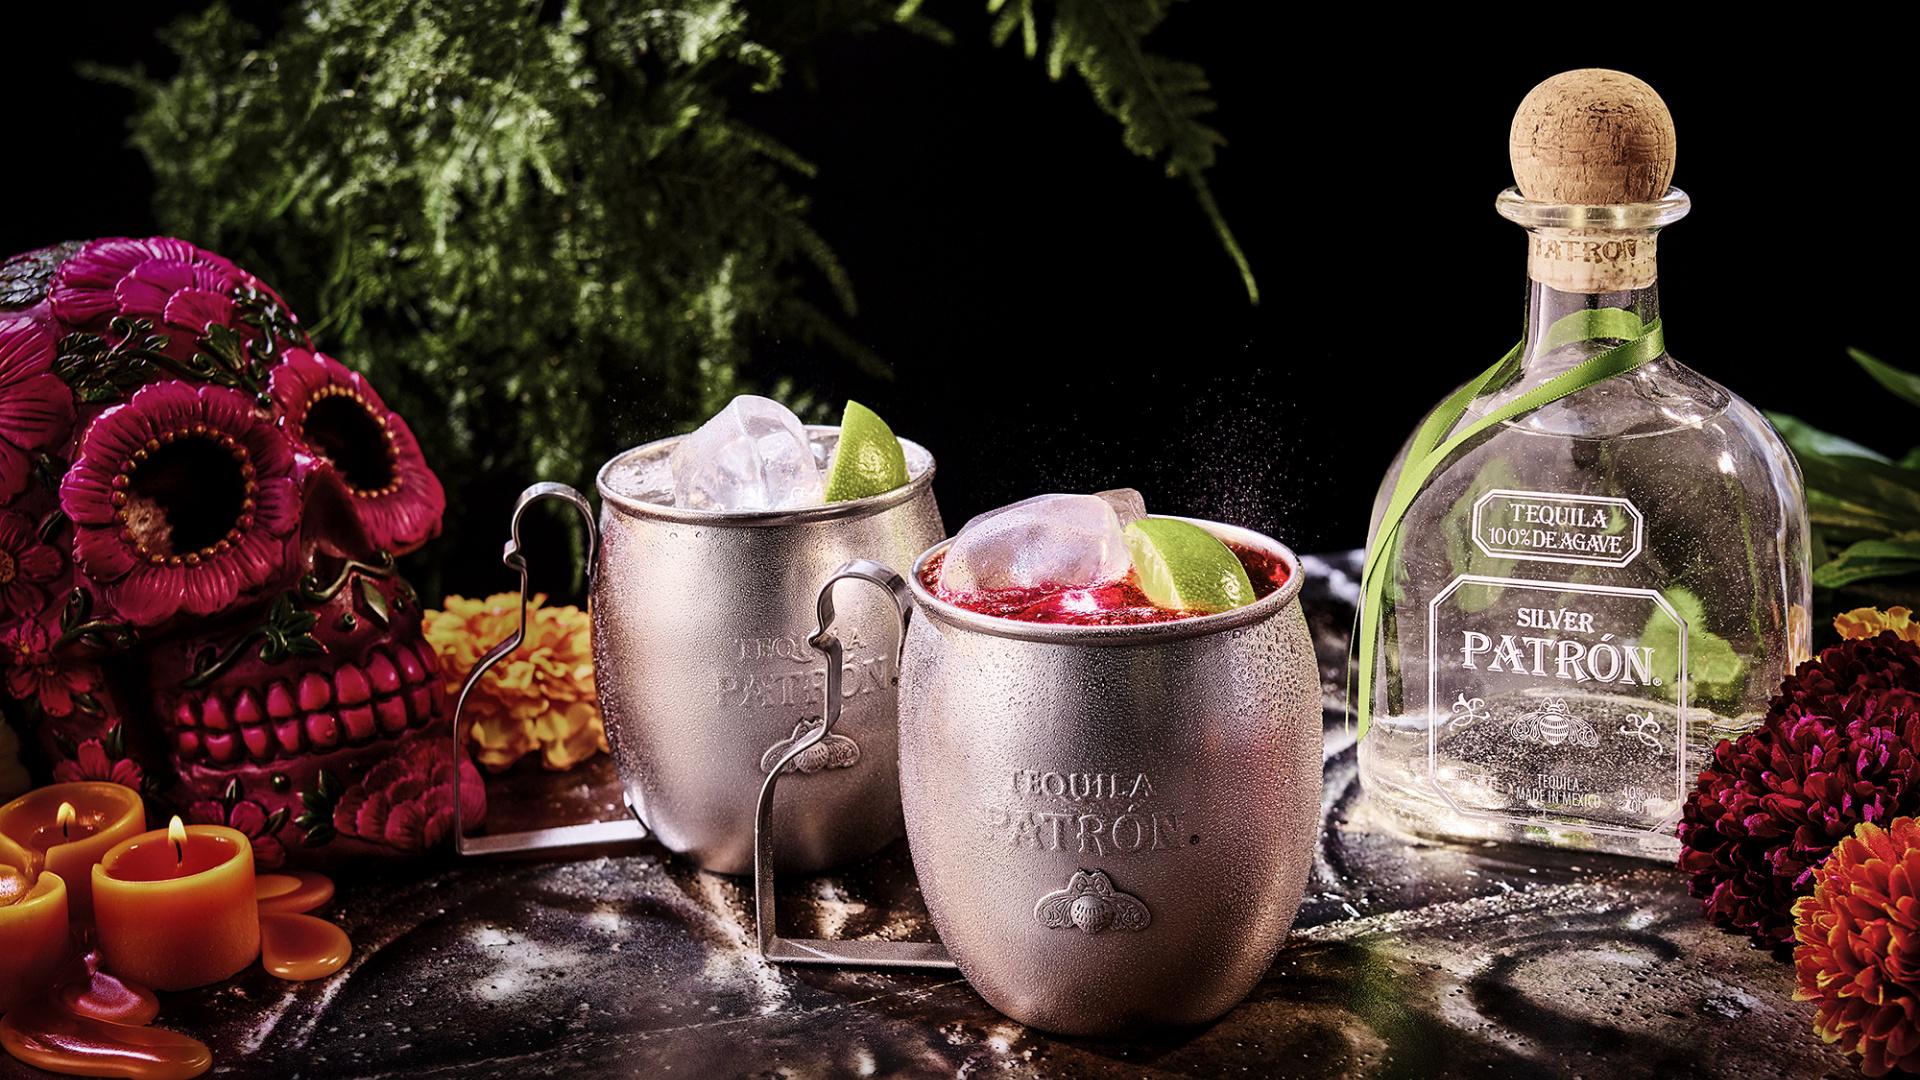 Patrón's 'Ofrenda' Día de Muertos cocktail